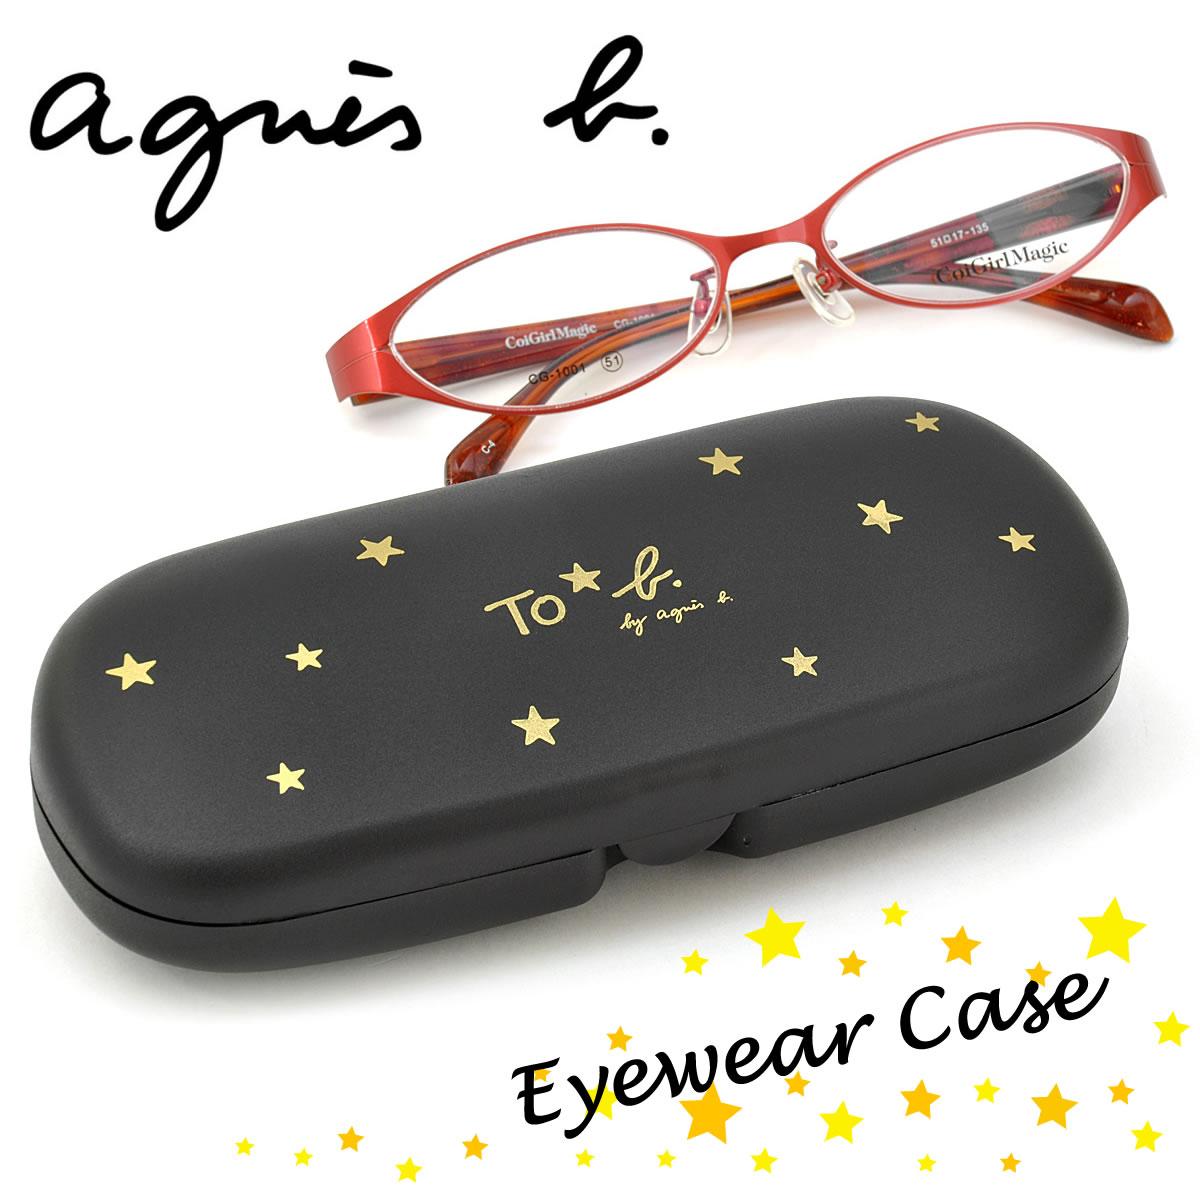 決算SALE 【メガネケース】agnes b.(アニエス べー)メガネケース ブランド ノベルティ【あす楽対応】